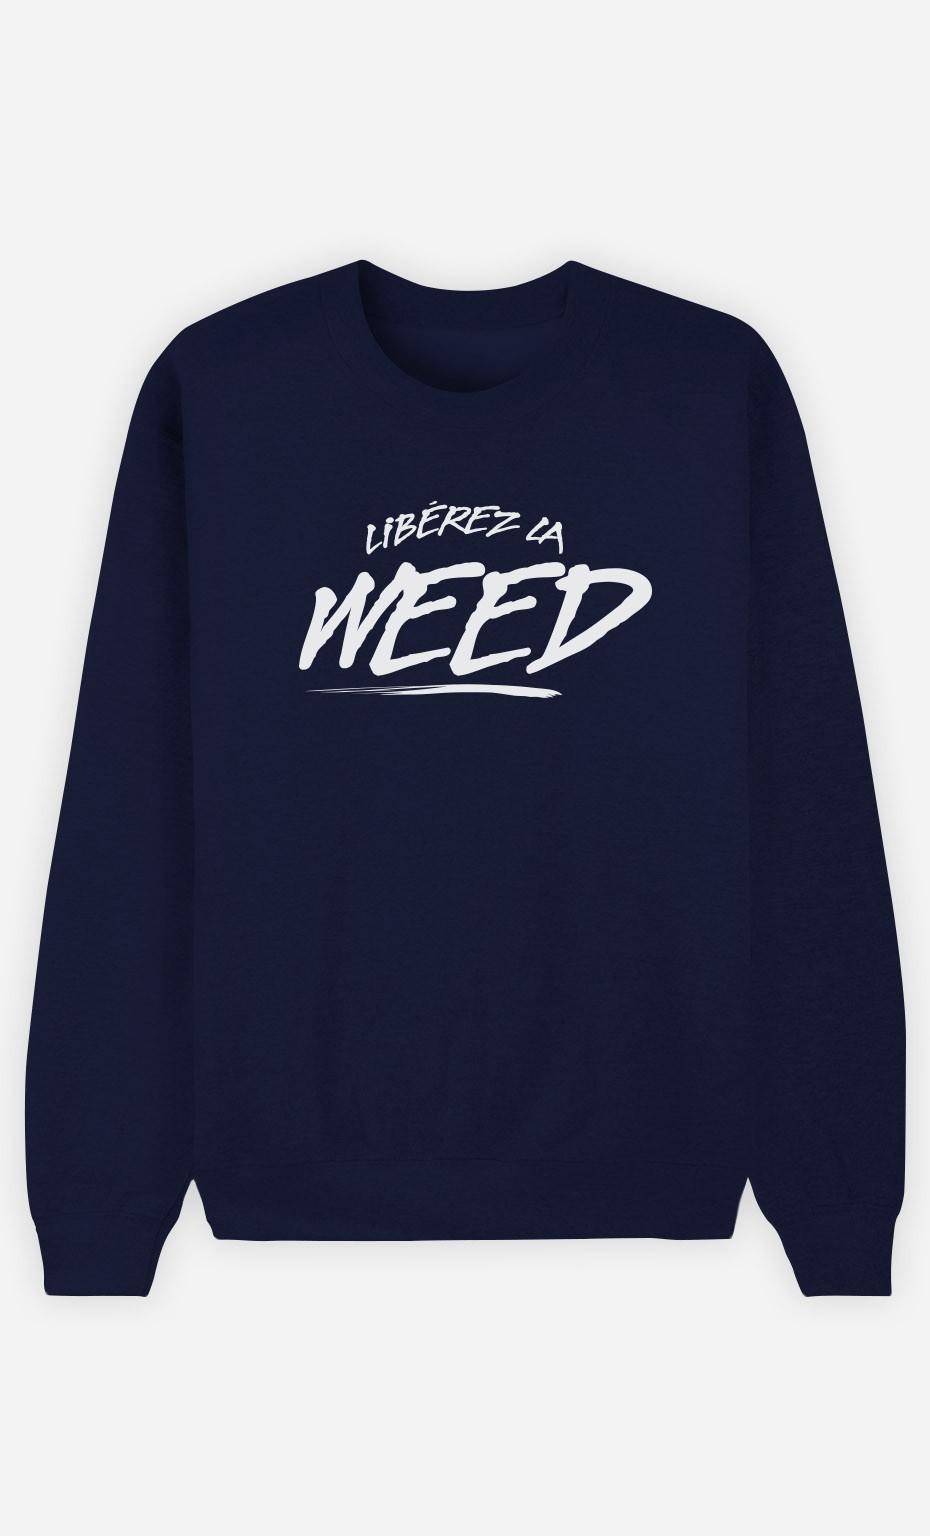 Sweat Bleu Libérez la Weed